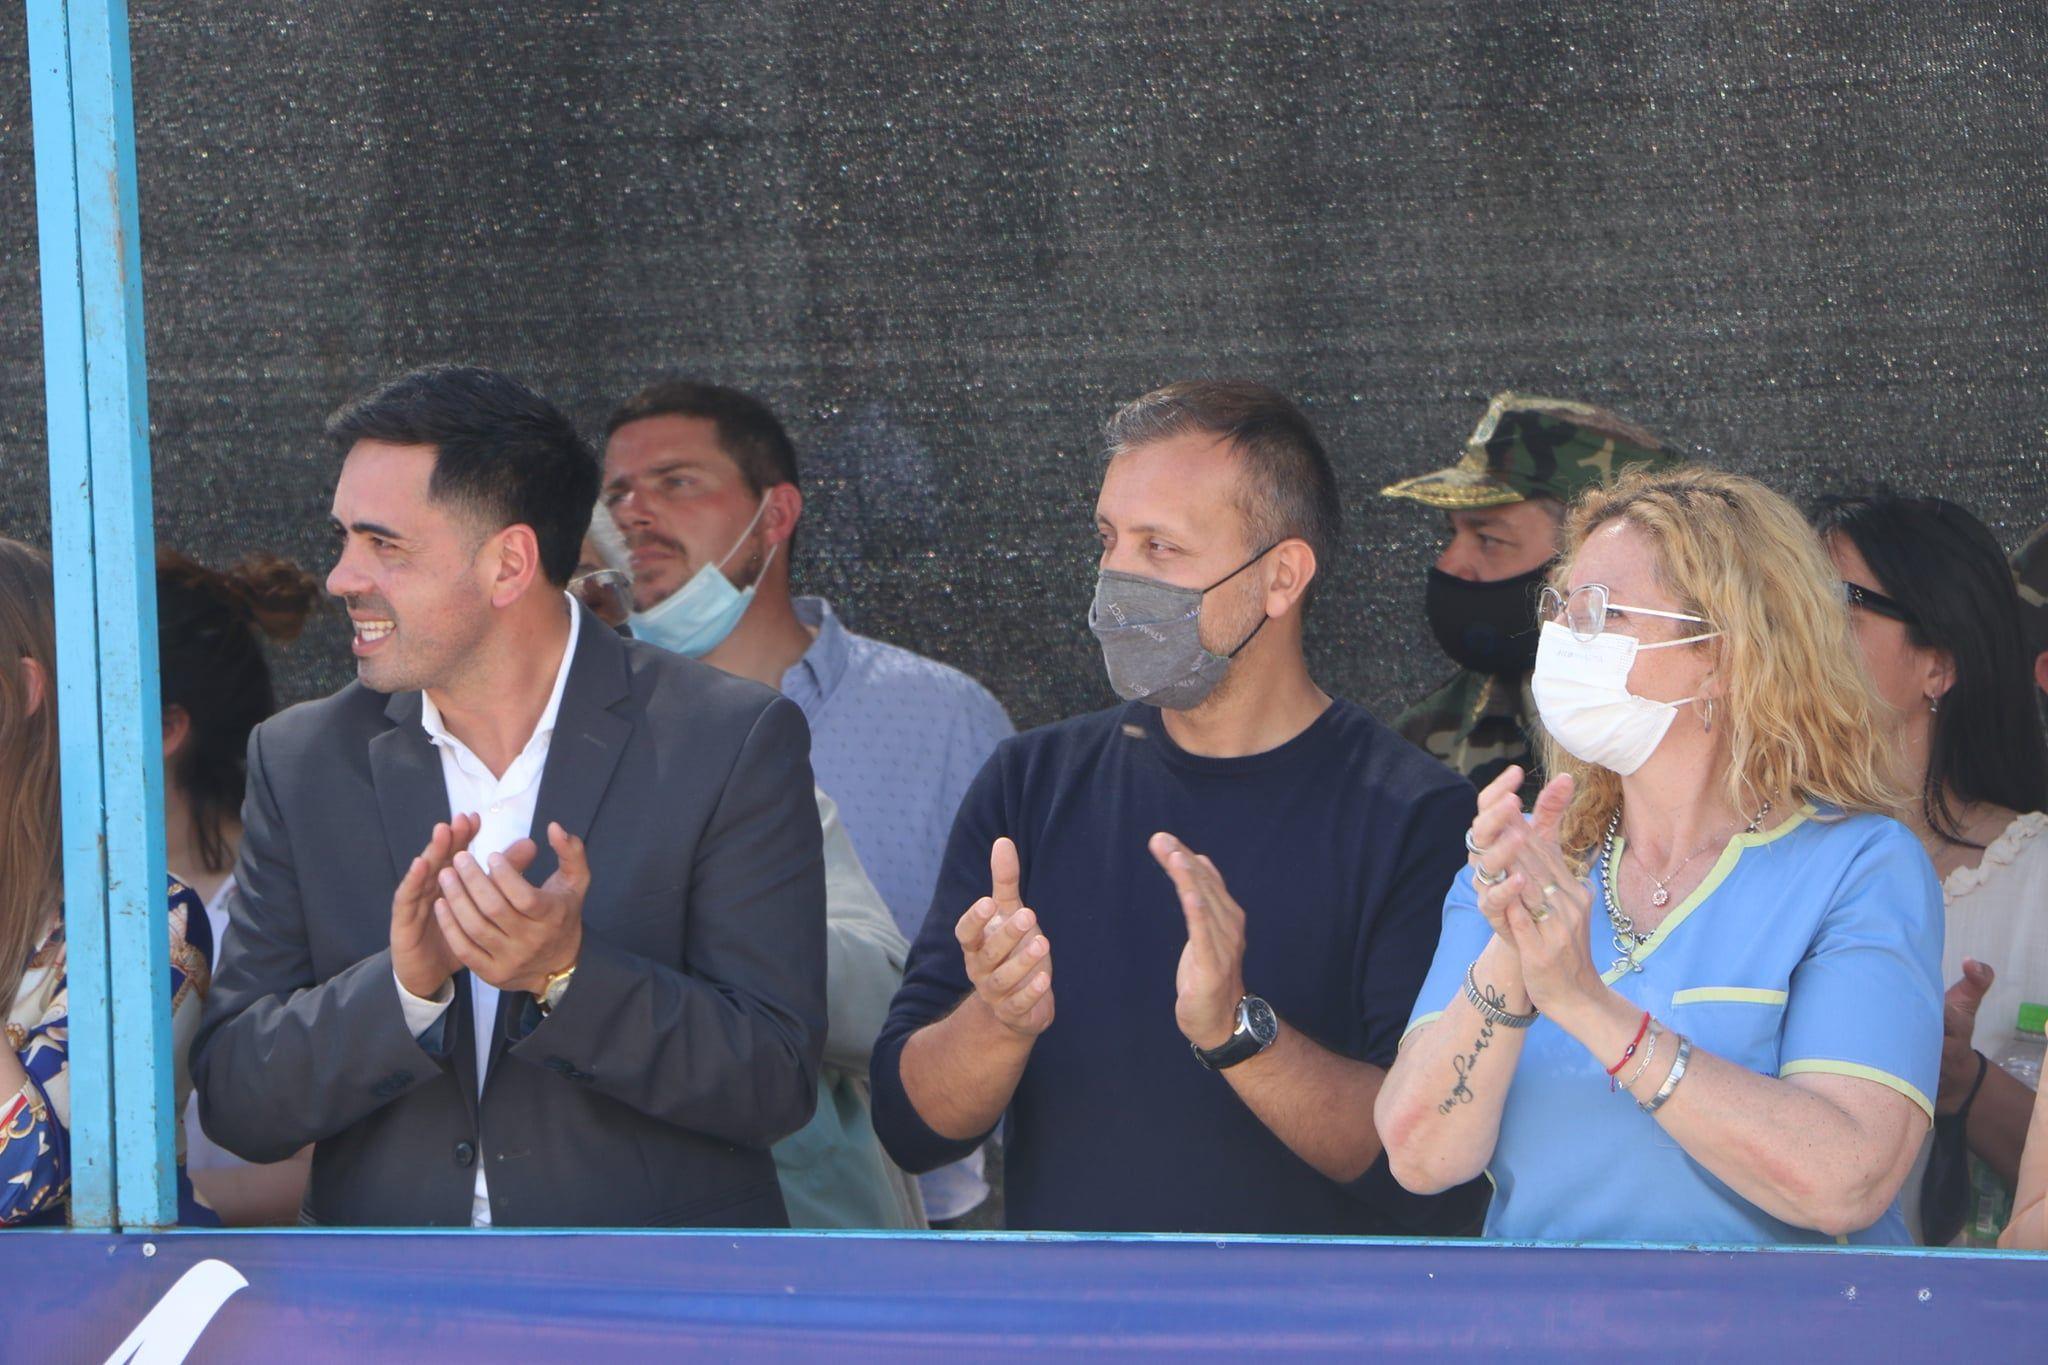 la oposicion puso el grito en el cielo por un polemico acto en carmen de areco